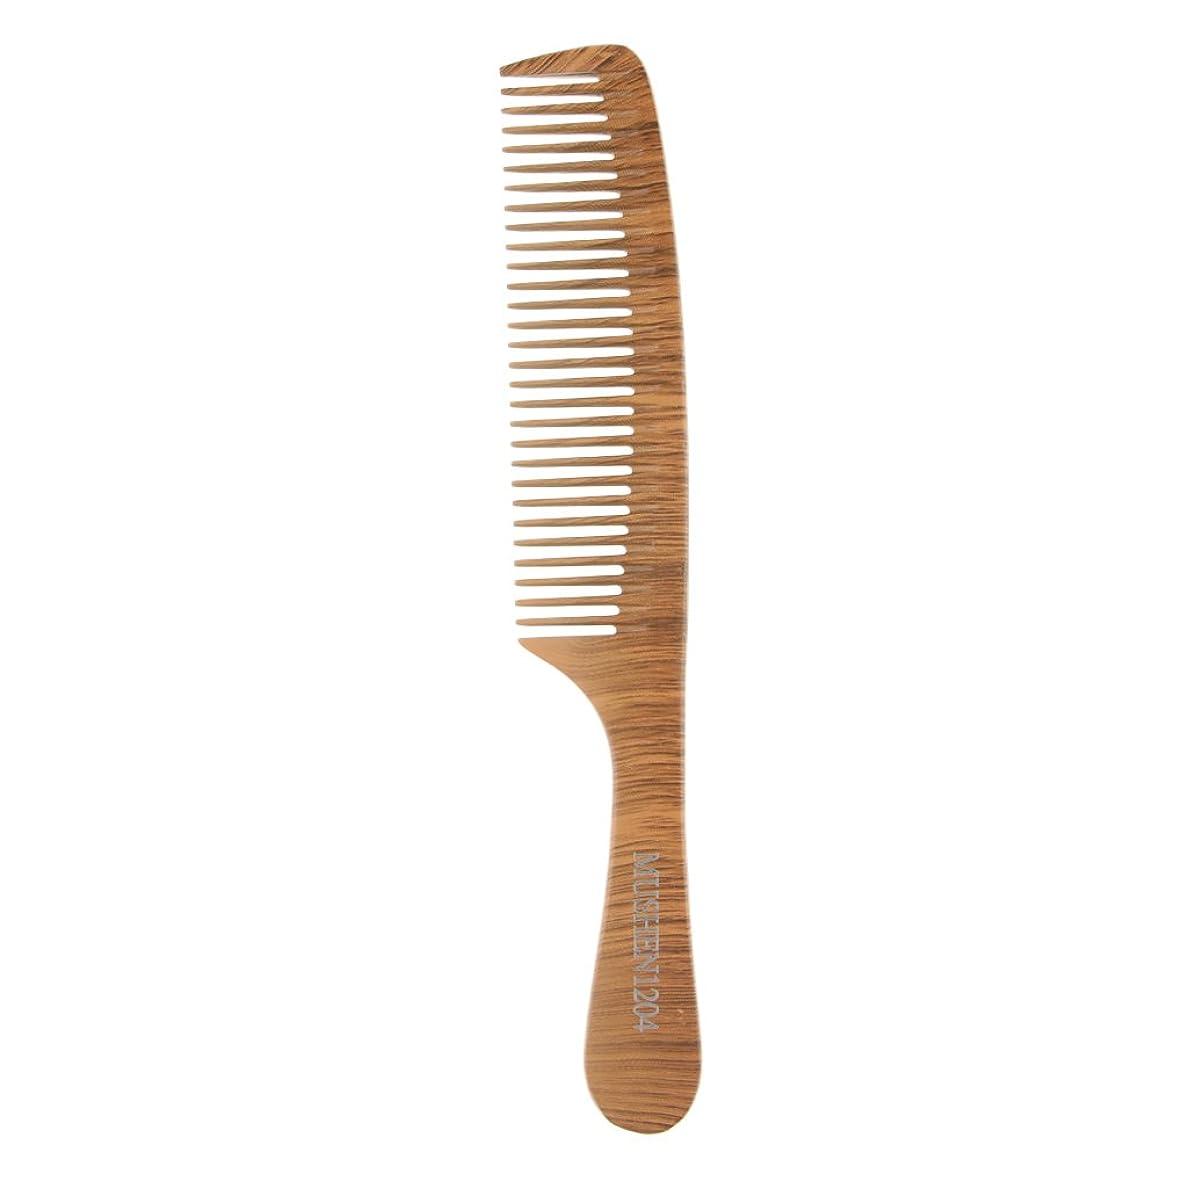 め言葉固める拡声器木の理髪のスタイリングの櫛、大広間およびホテルのヘアケアツールのための頑丈な細かい歯の毛の櫛 - 1204